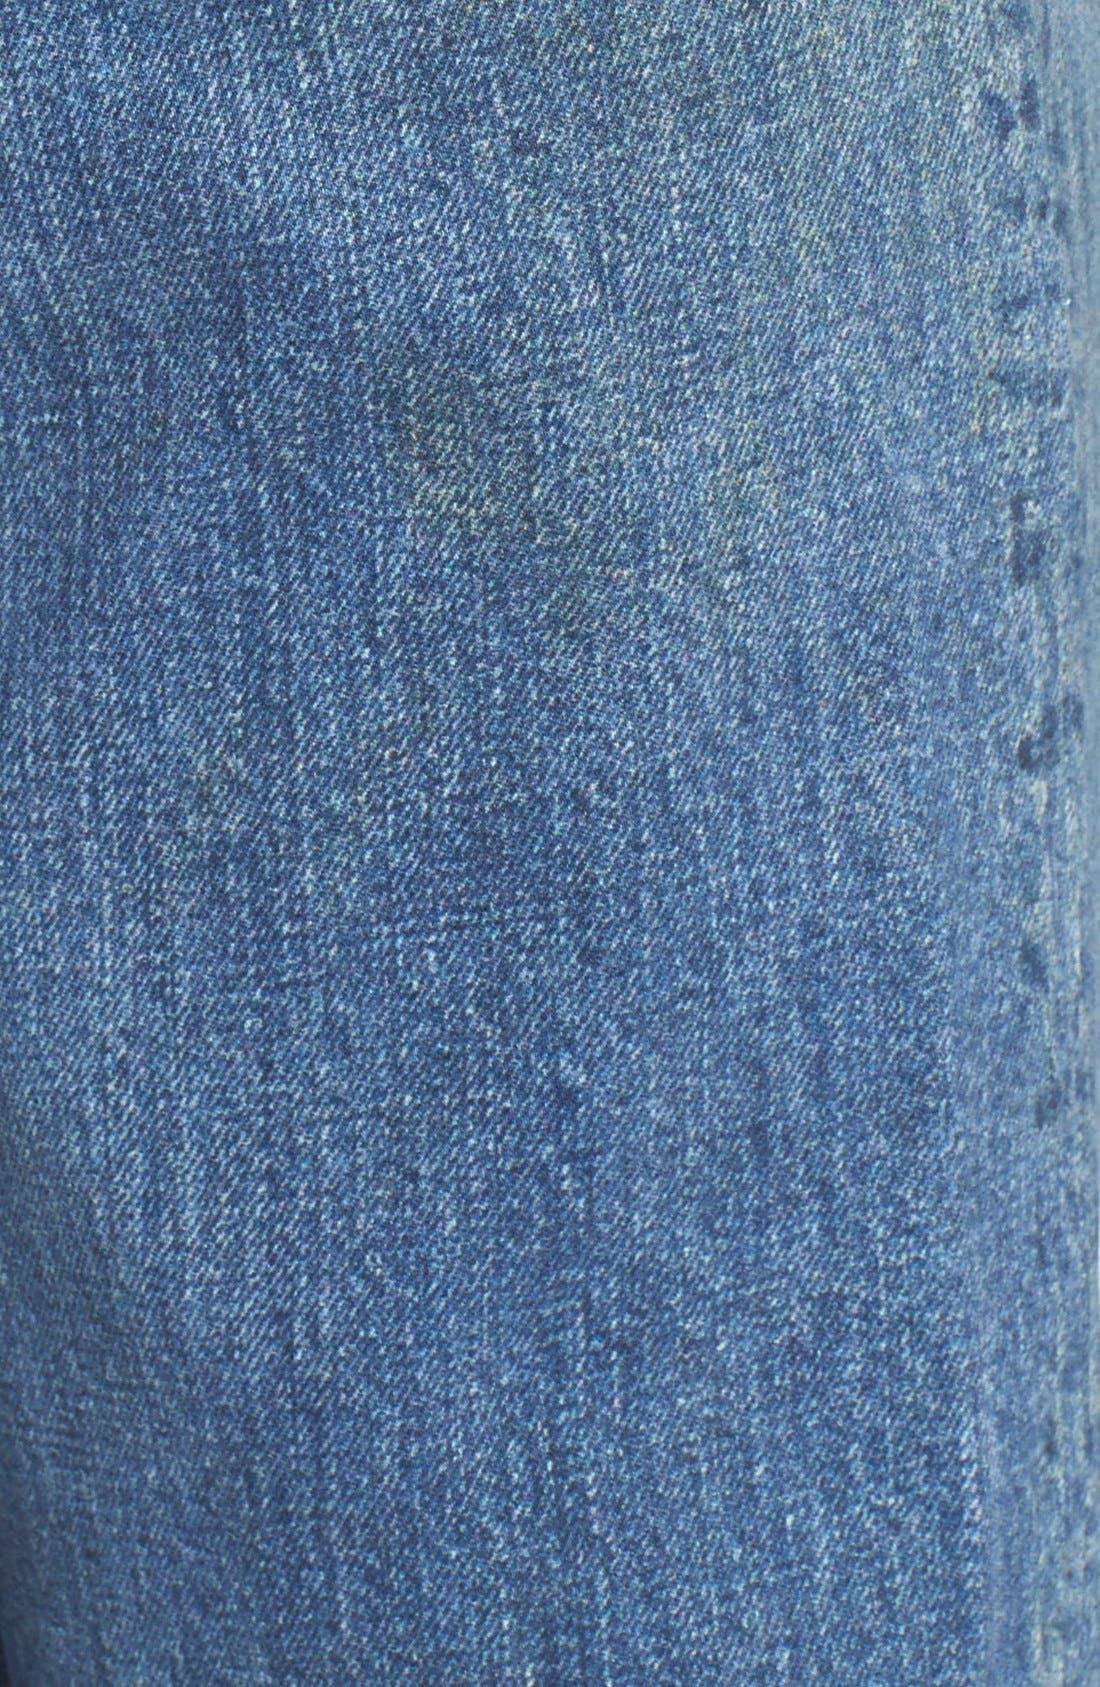 Alternate Image 3  - AG 'Digital Luxe Nikki' Relaxed Skinny Jeans (Teller)